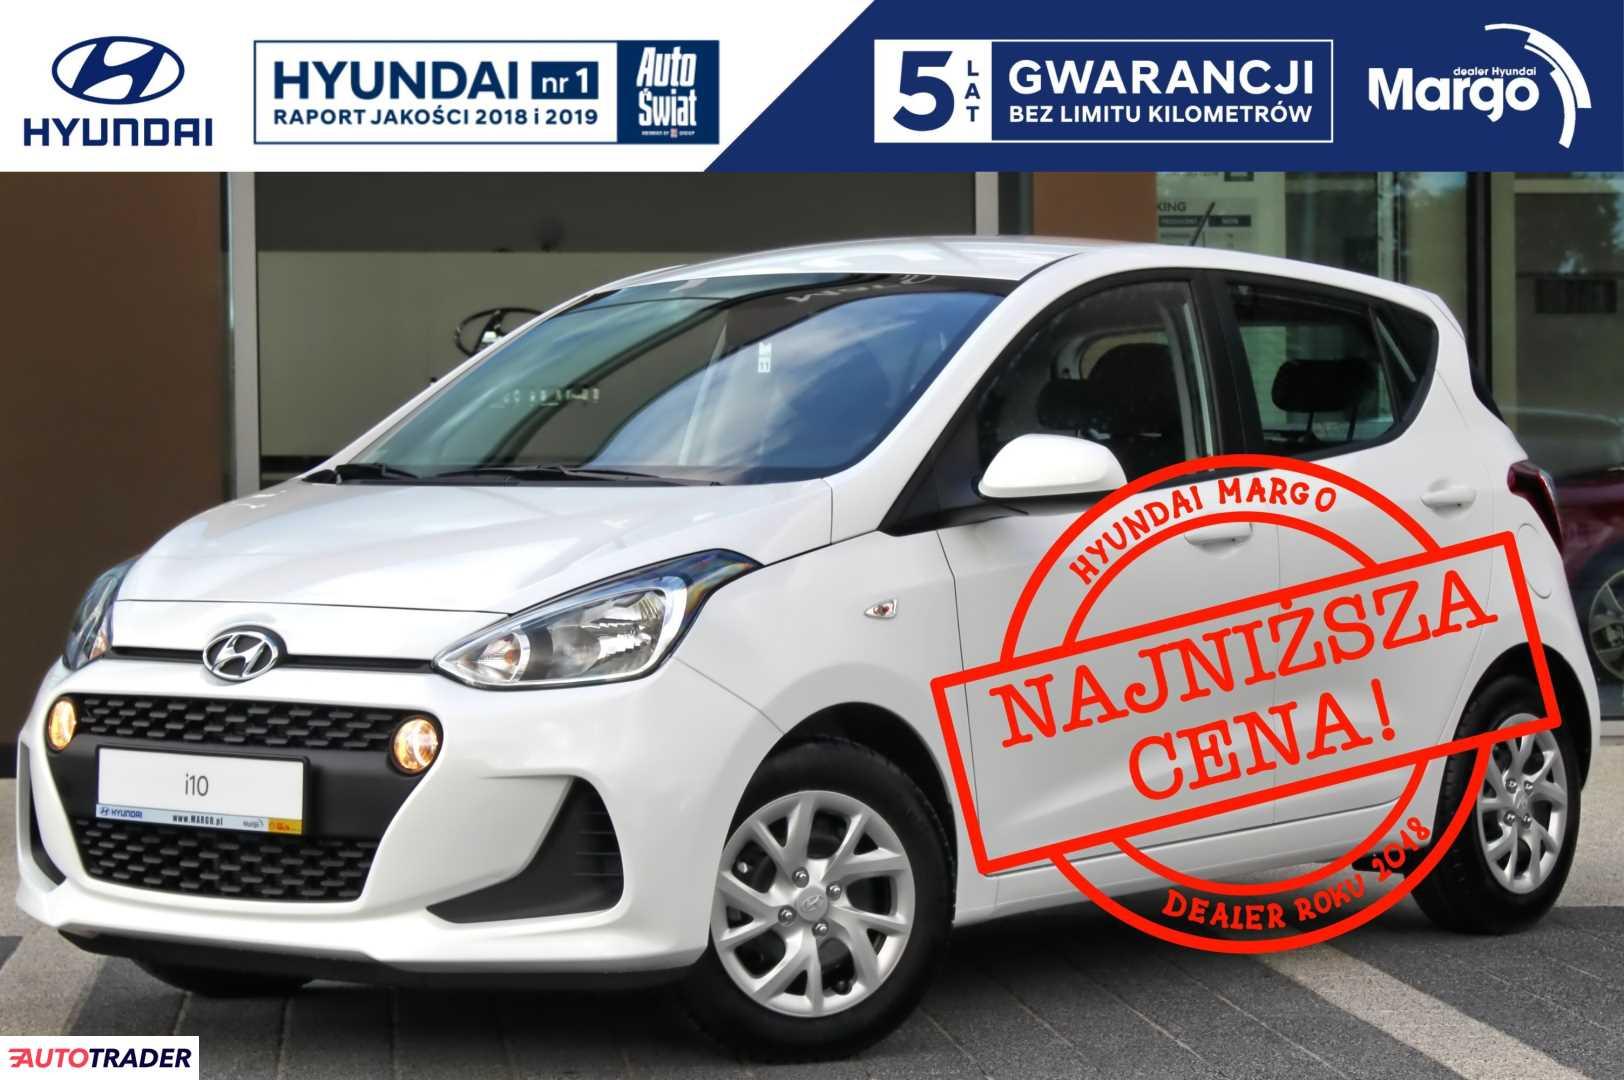 Hyundai i10 2019 1 66 KM